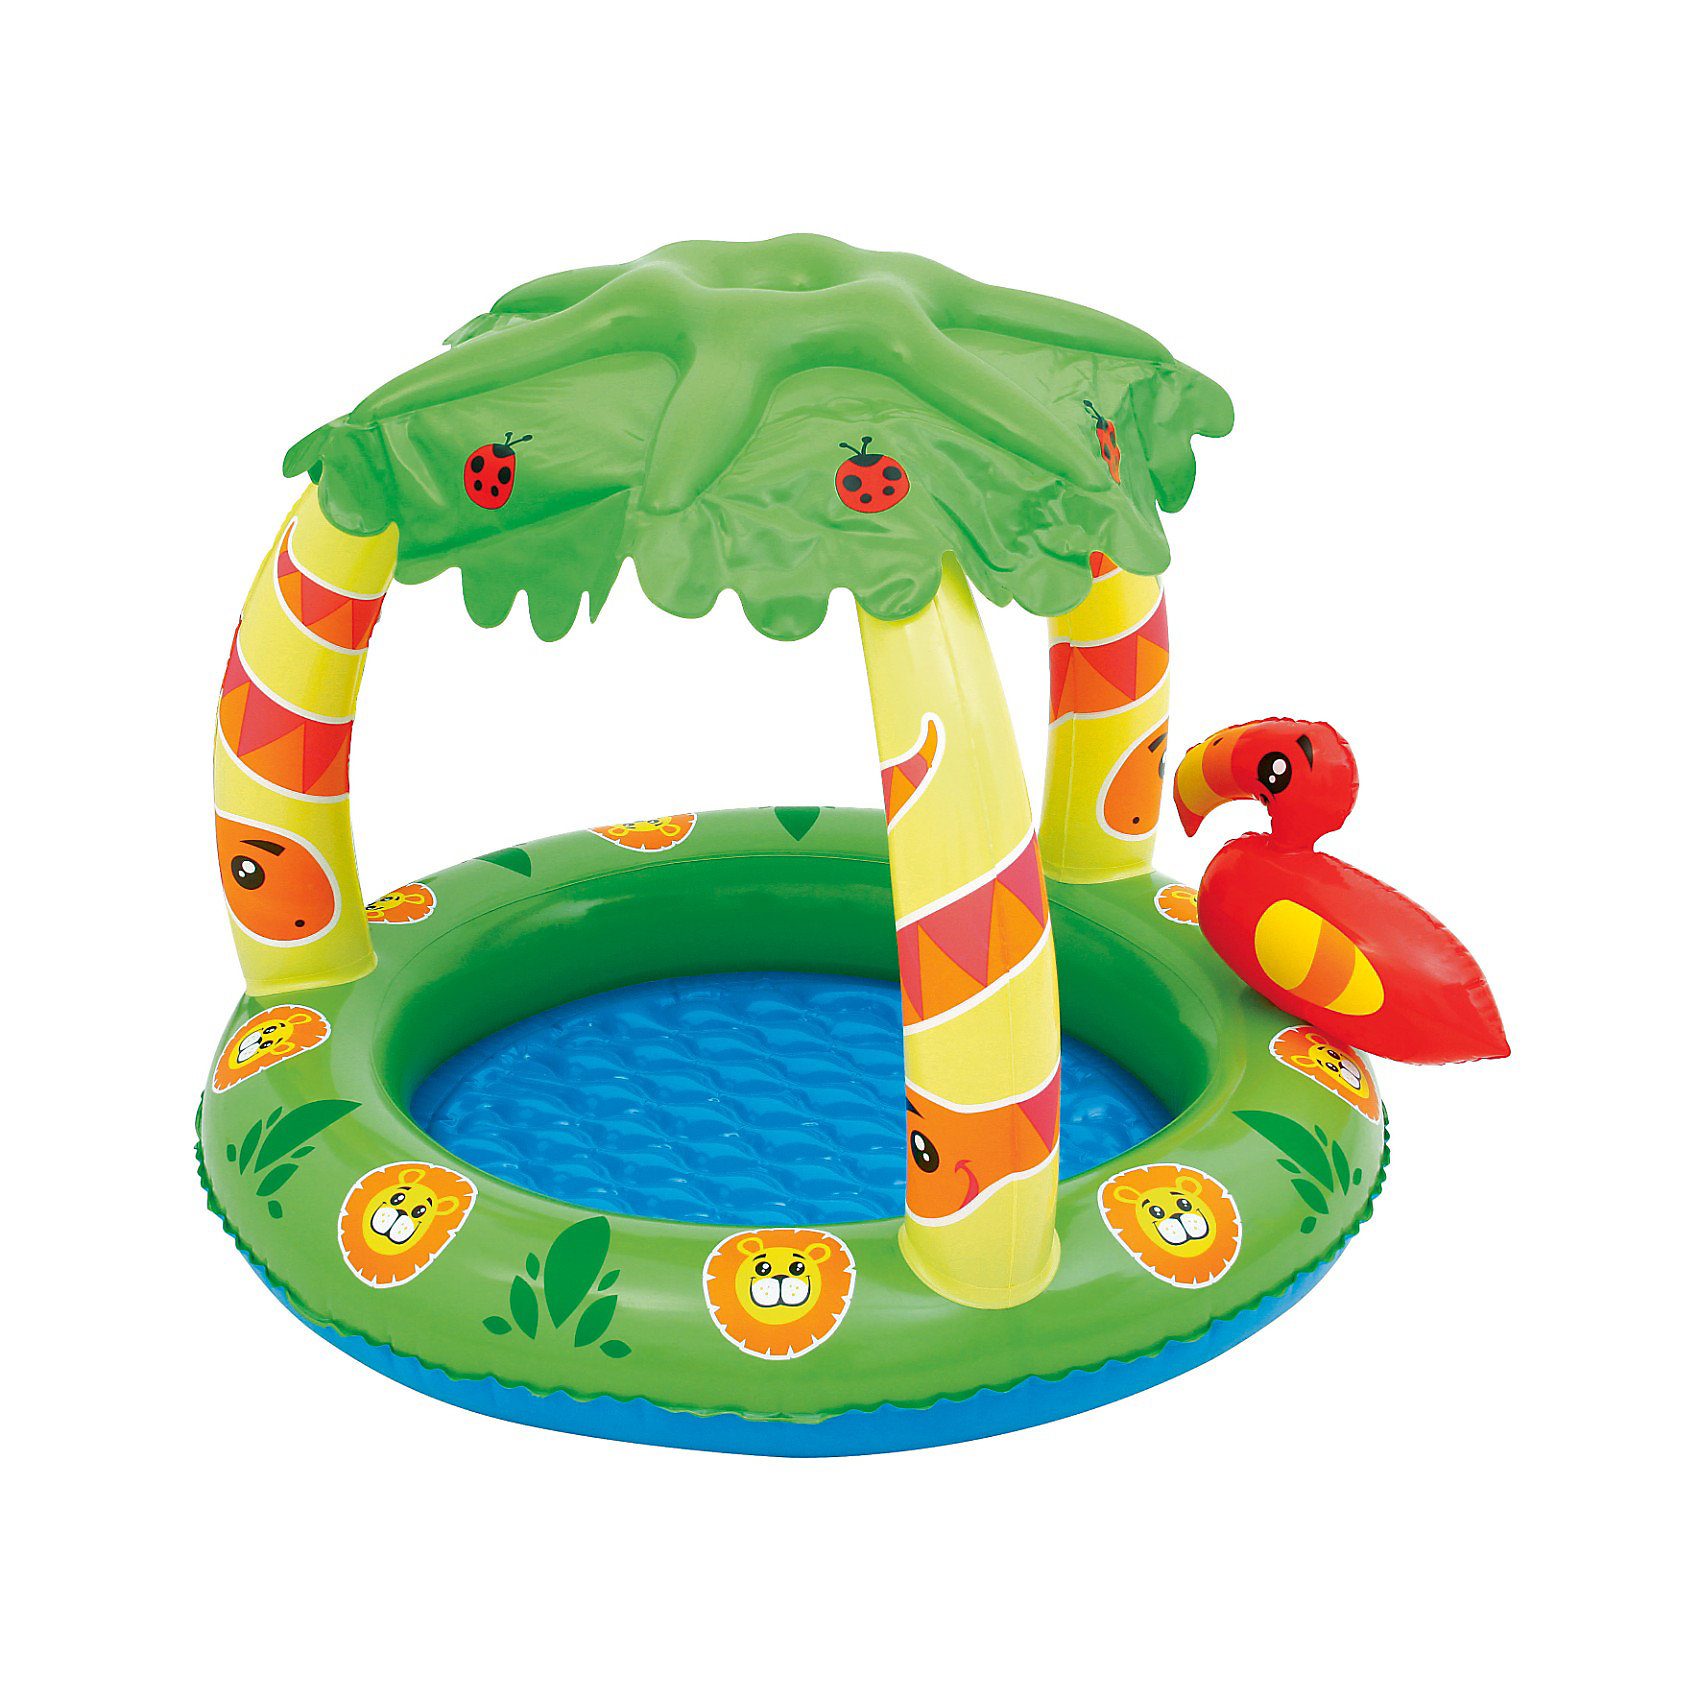 Детский бассейн с надувным навесом от солнца